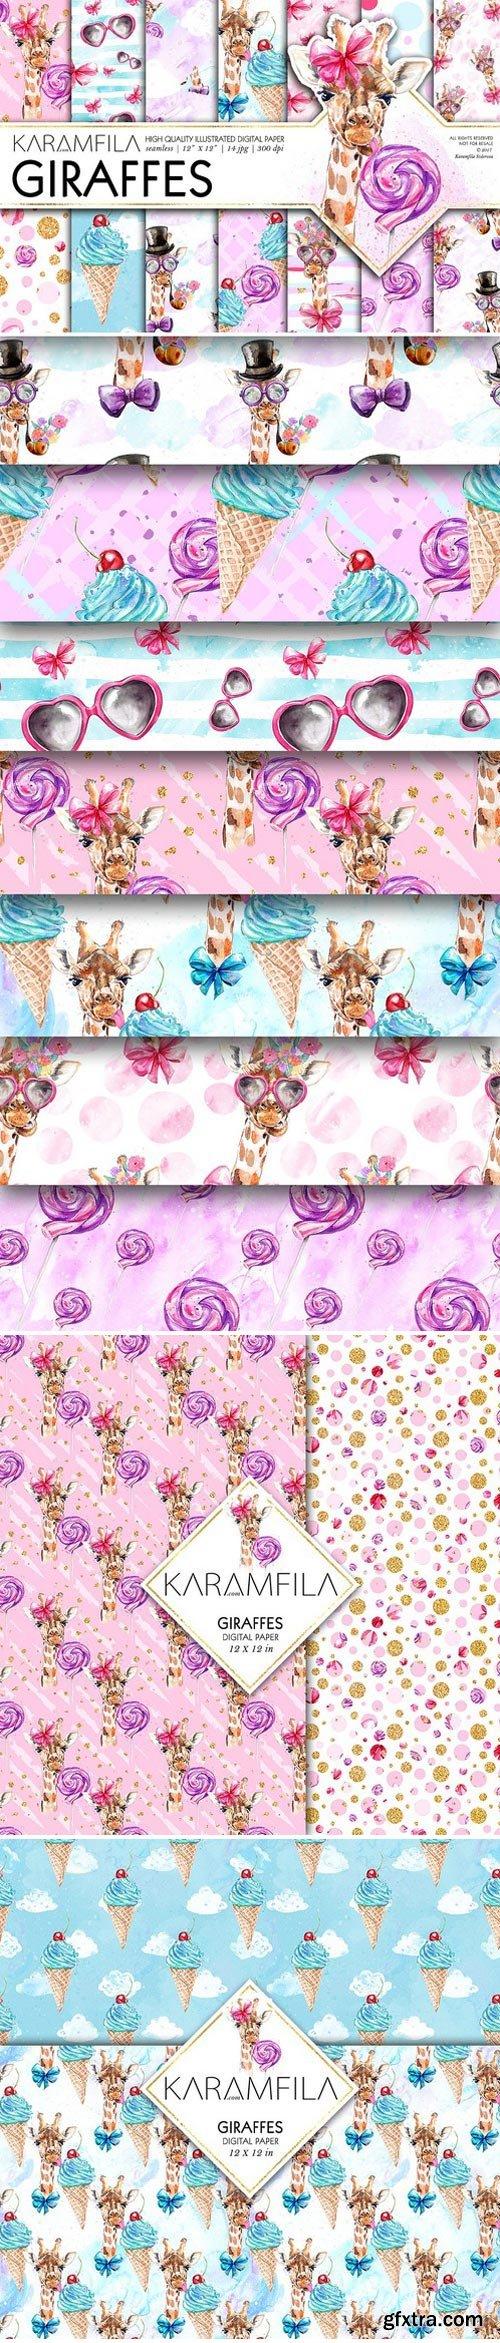 CM - Funny Fashion Giraffes Digital Paper 1584106